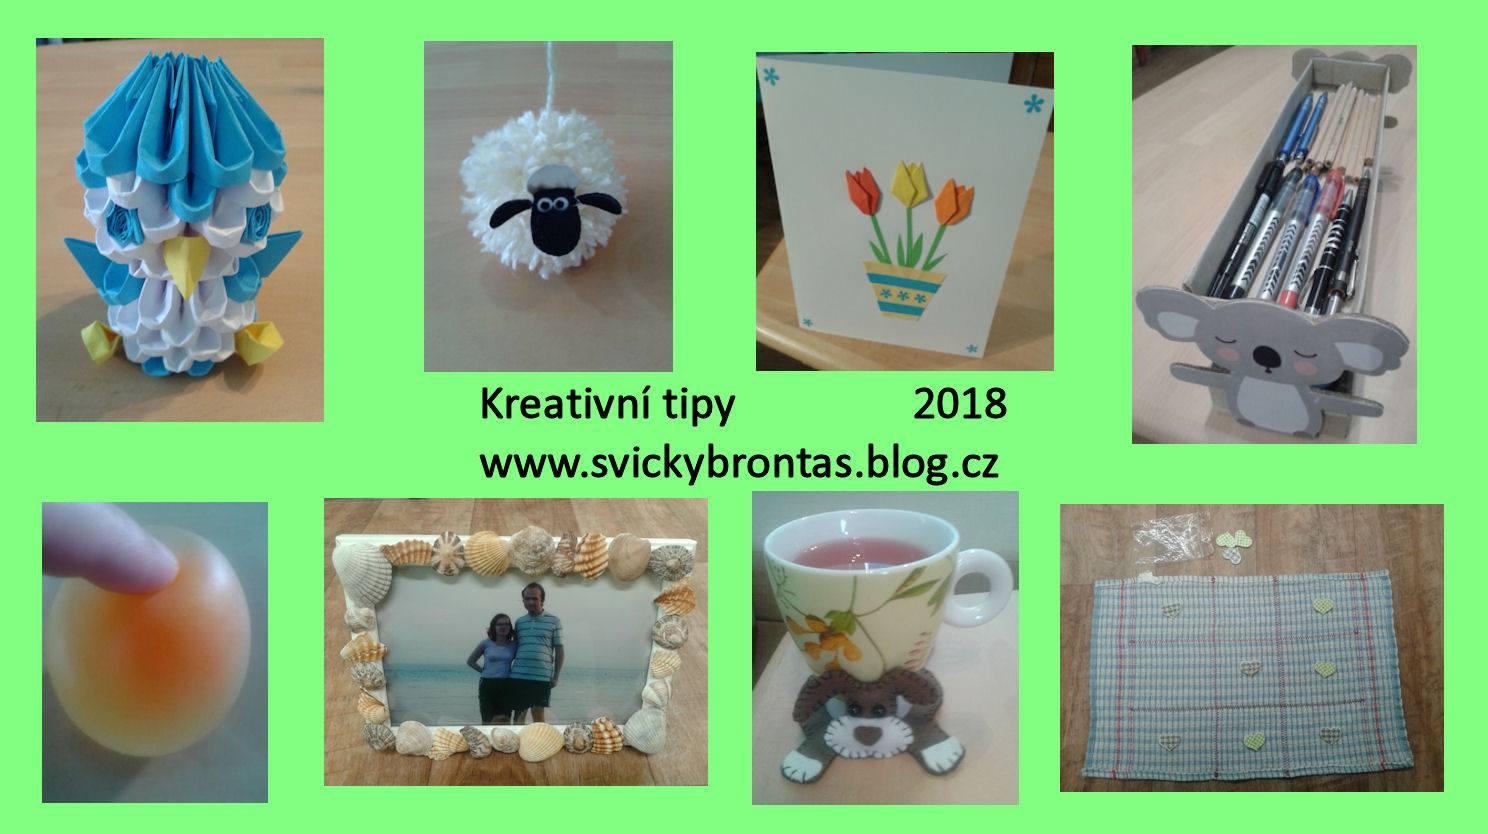 svickybrontas.blog.cz